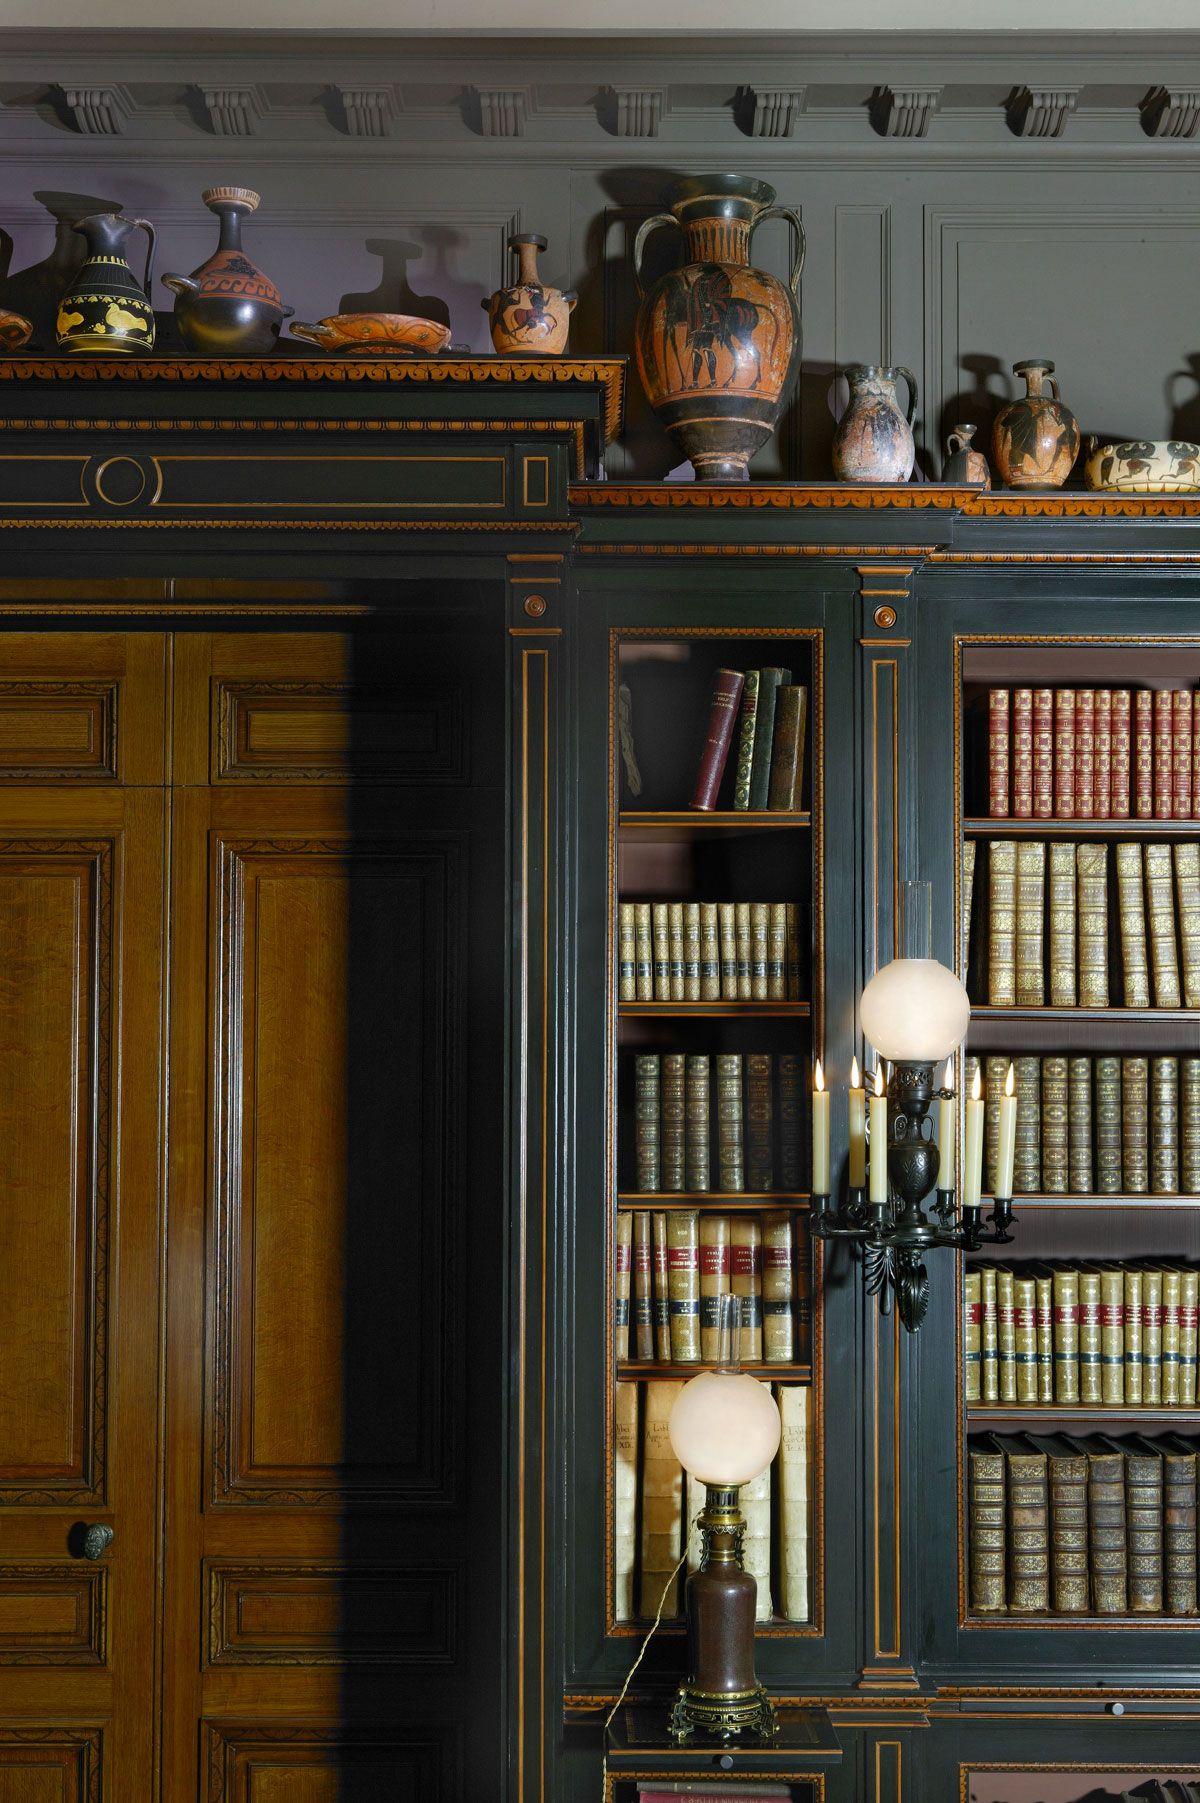 Un h tel particulier paris graf libros decoraci n - Libros de decoracion de interiores ...